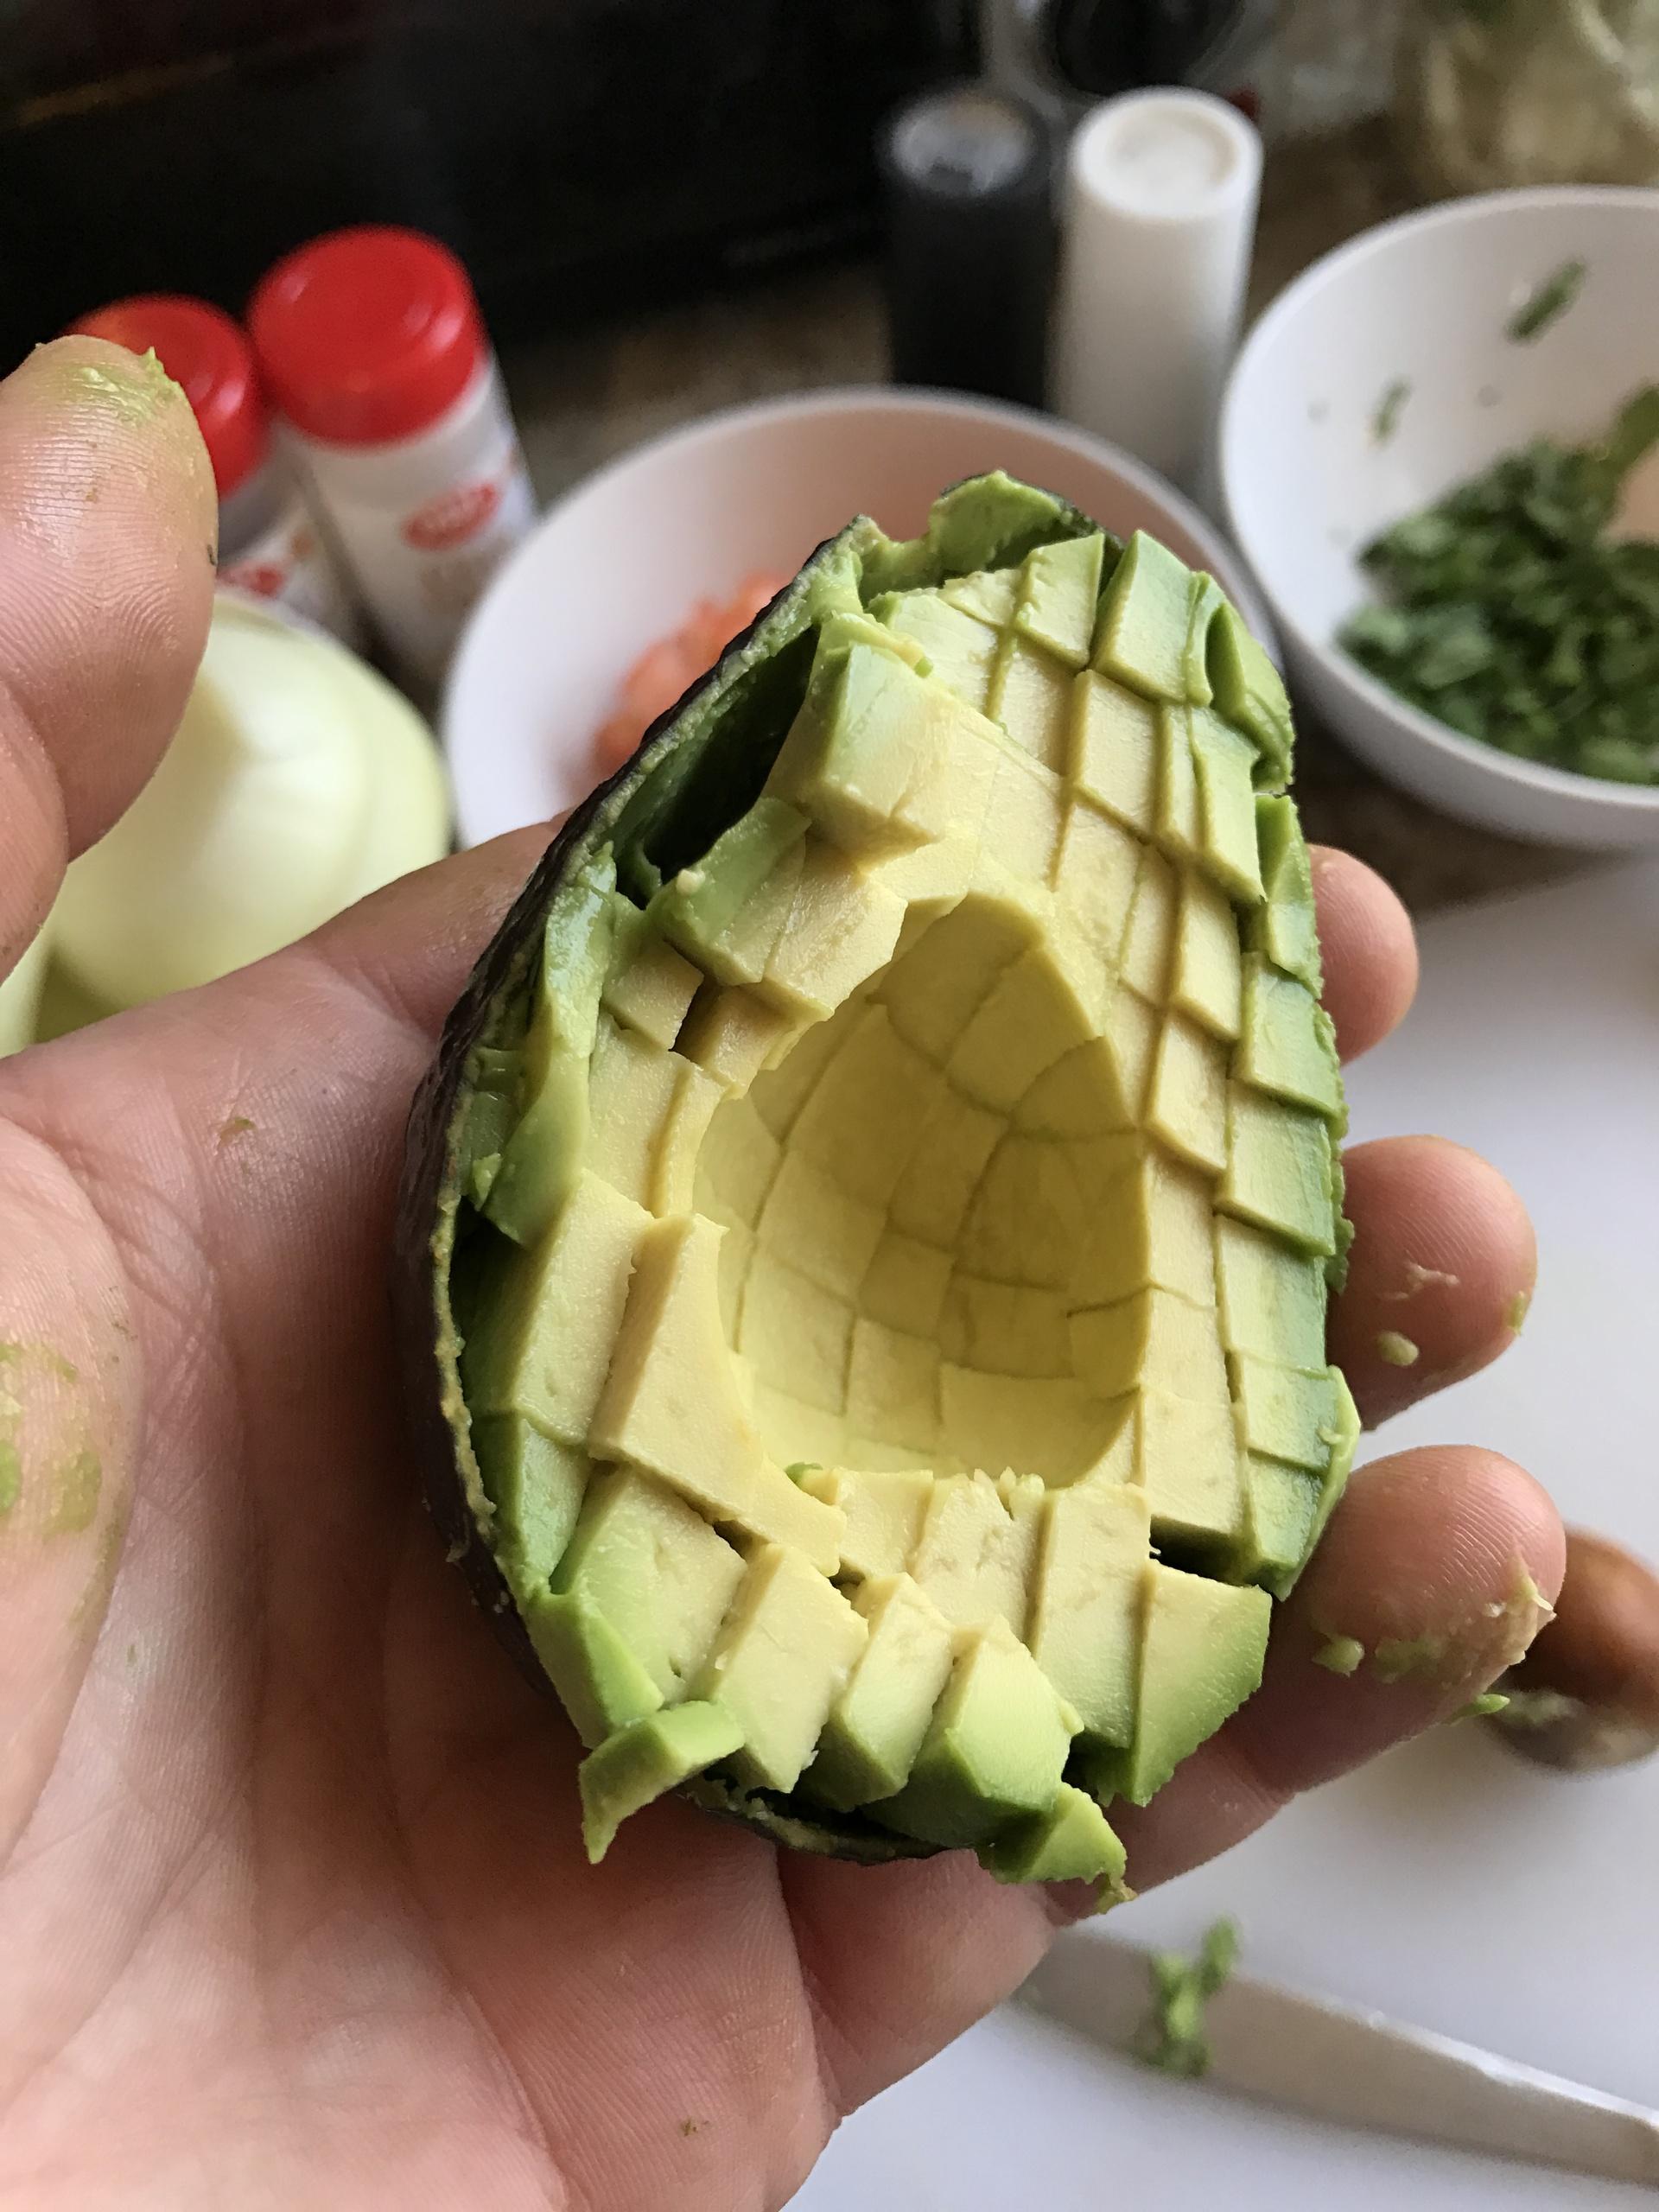 Avocado in hand for guacamole